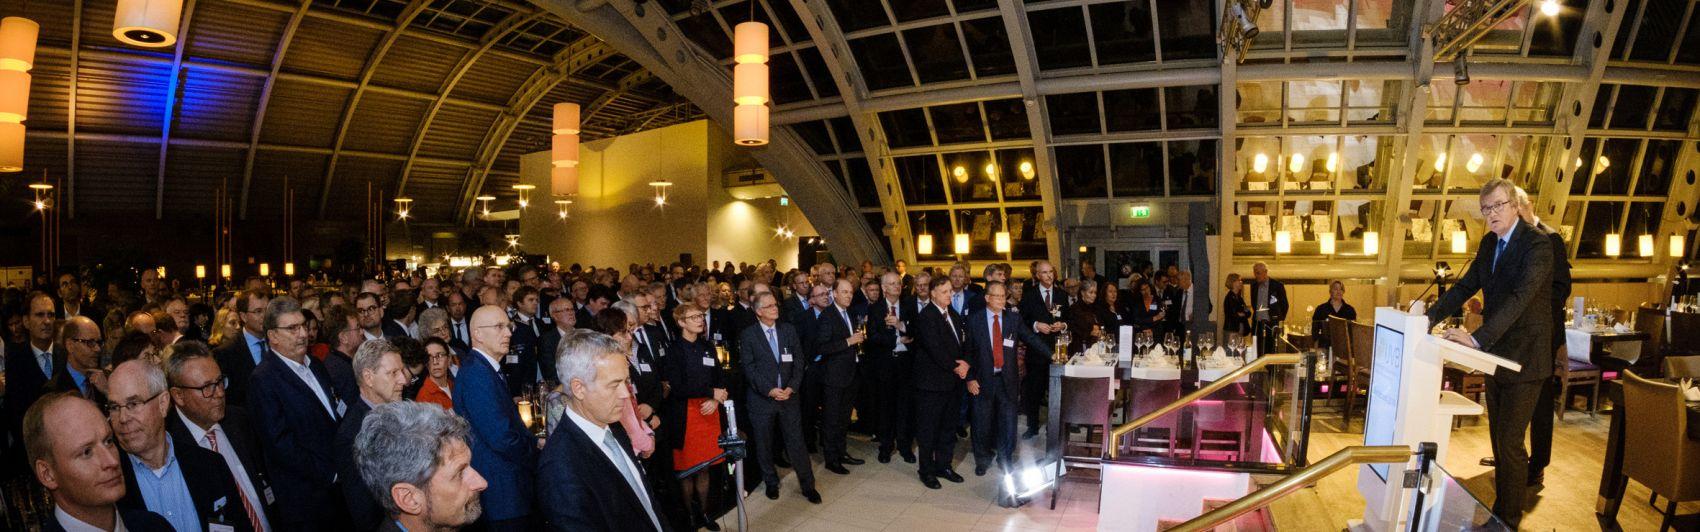 UVB-Bierabend, Büchner, Eröffnung, Jahresempfang